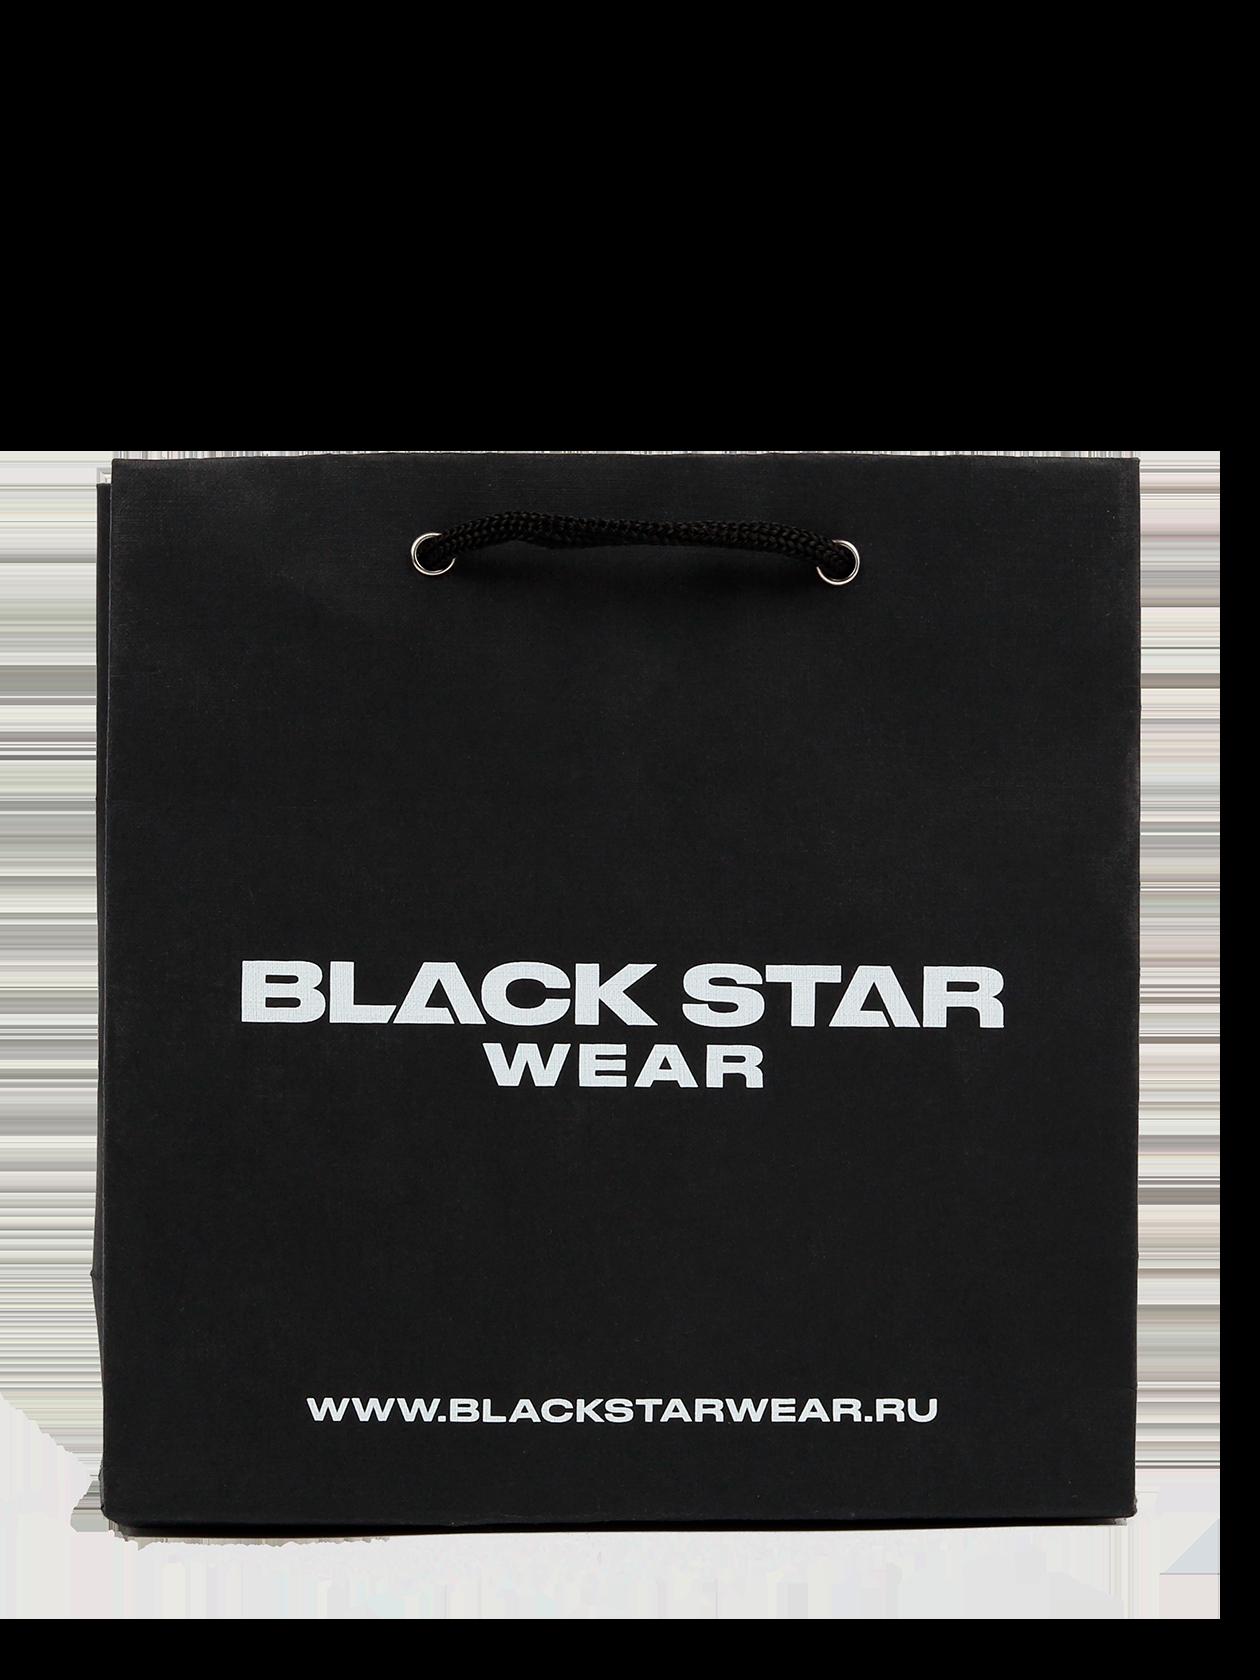 Пакет Black Star Wear. Производитель: Black Star Wear, артикул: 12167